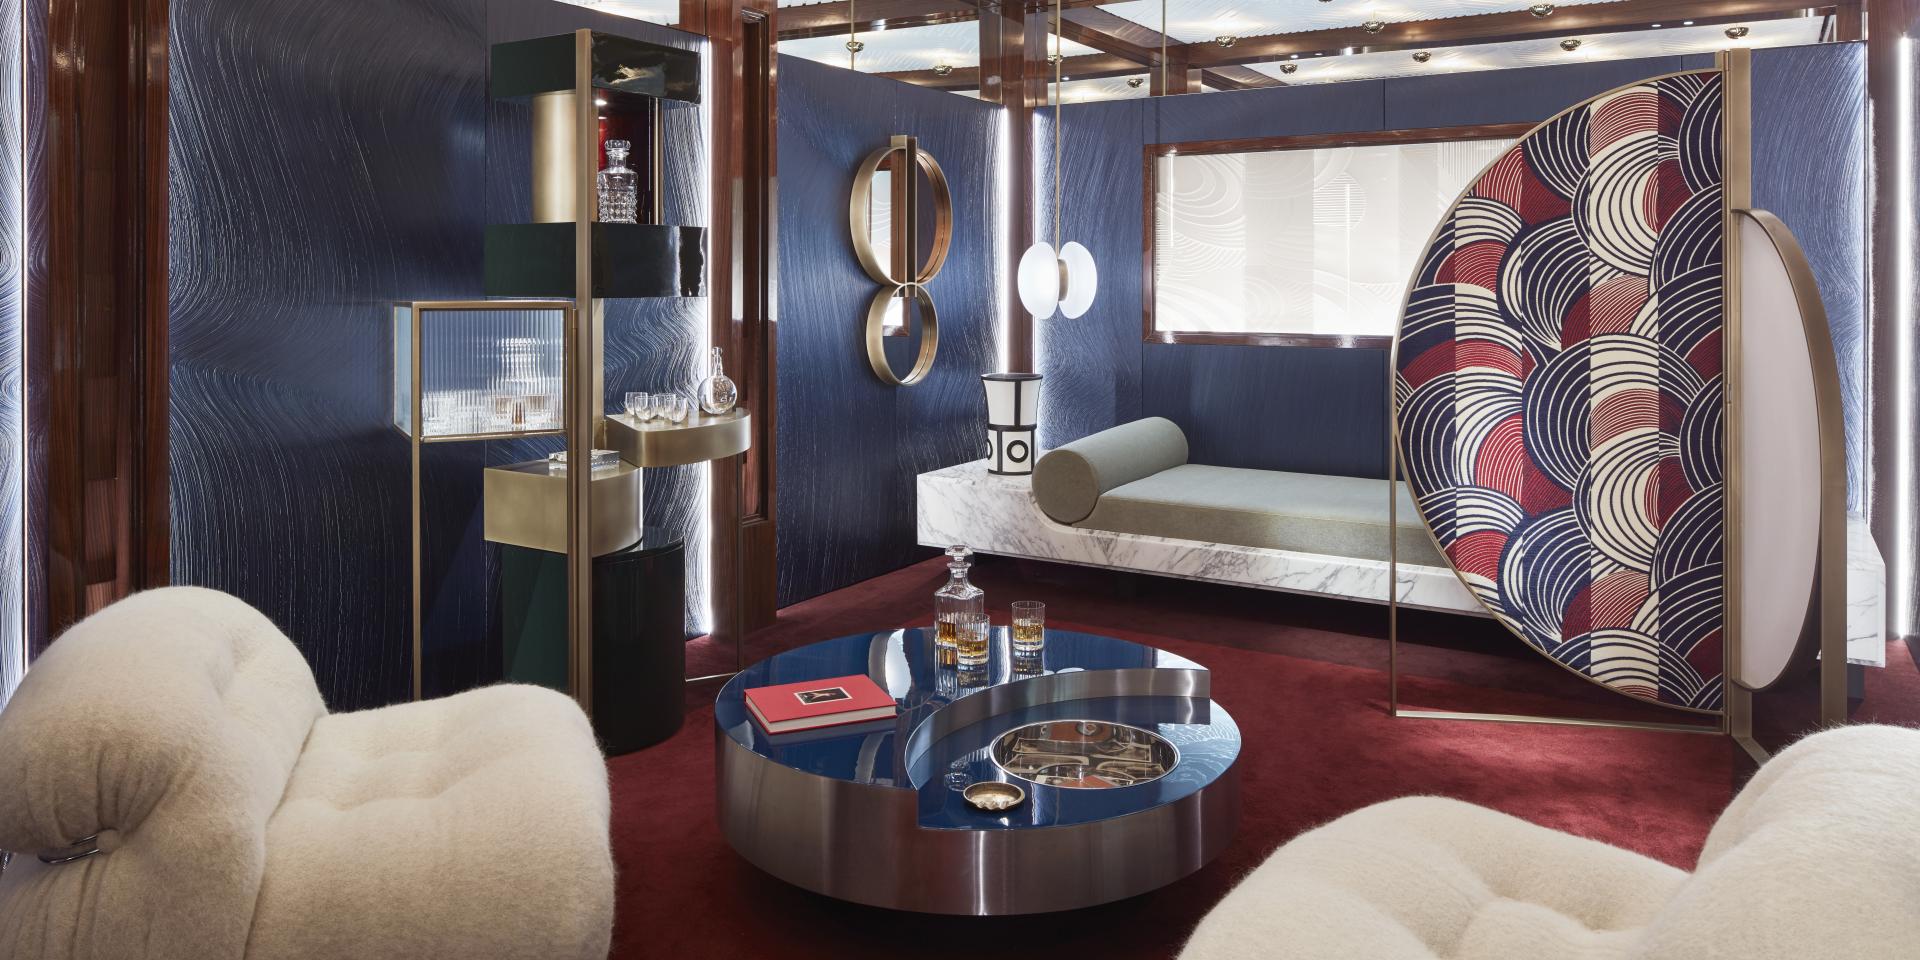 le fumoir noctambule jouffre ateliers cr atifs. Black Bedroom Furniture Sets. Home Design Ideas